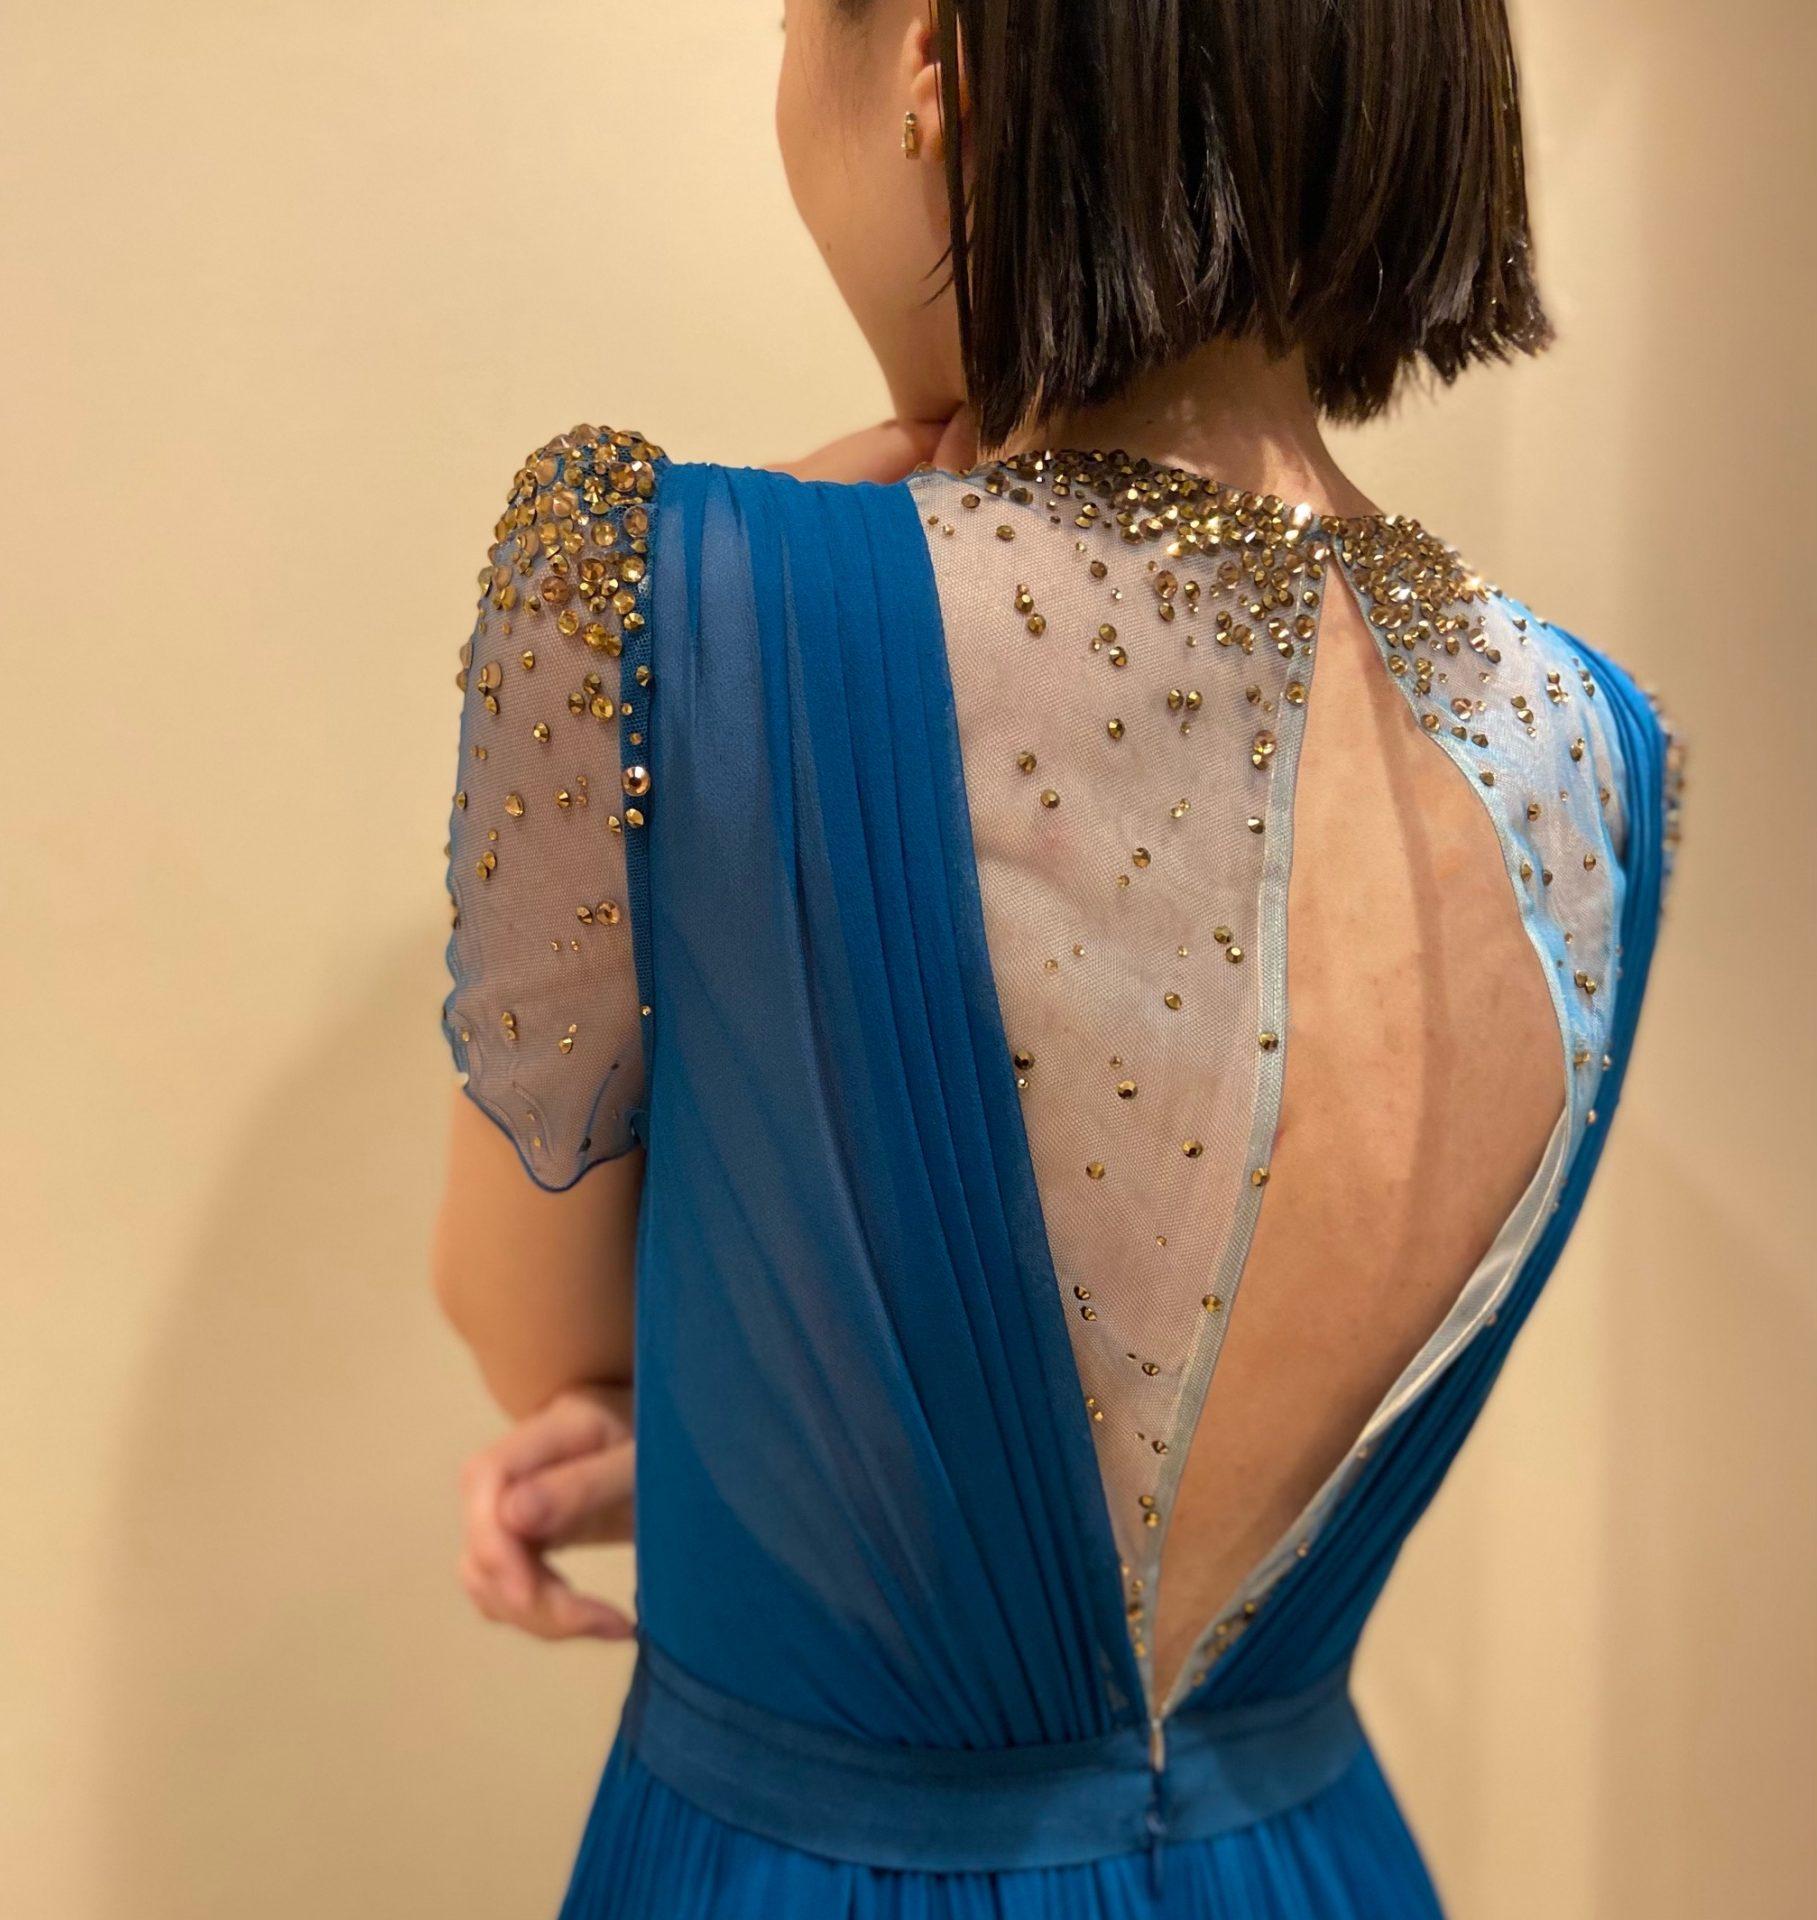 バックスタイルまで華やかなビジューがきらめくAラインのカラードレス